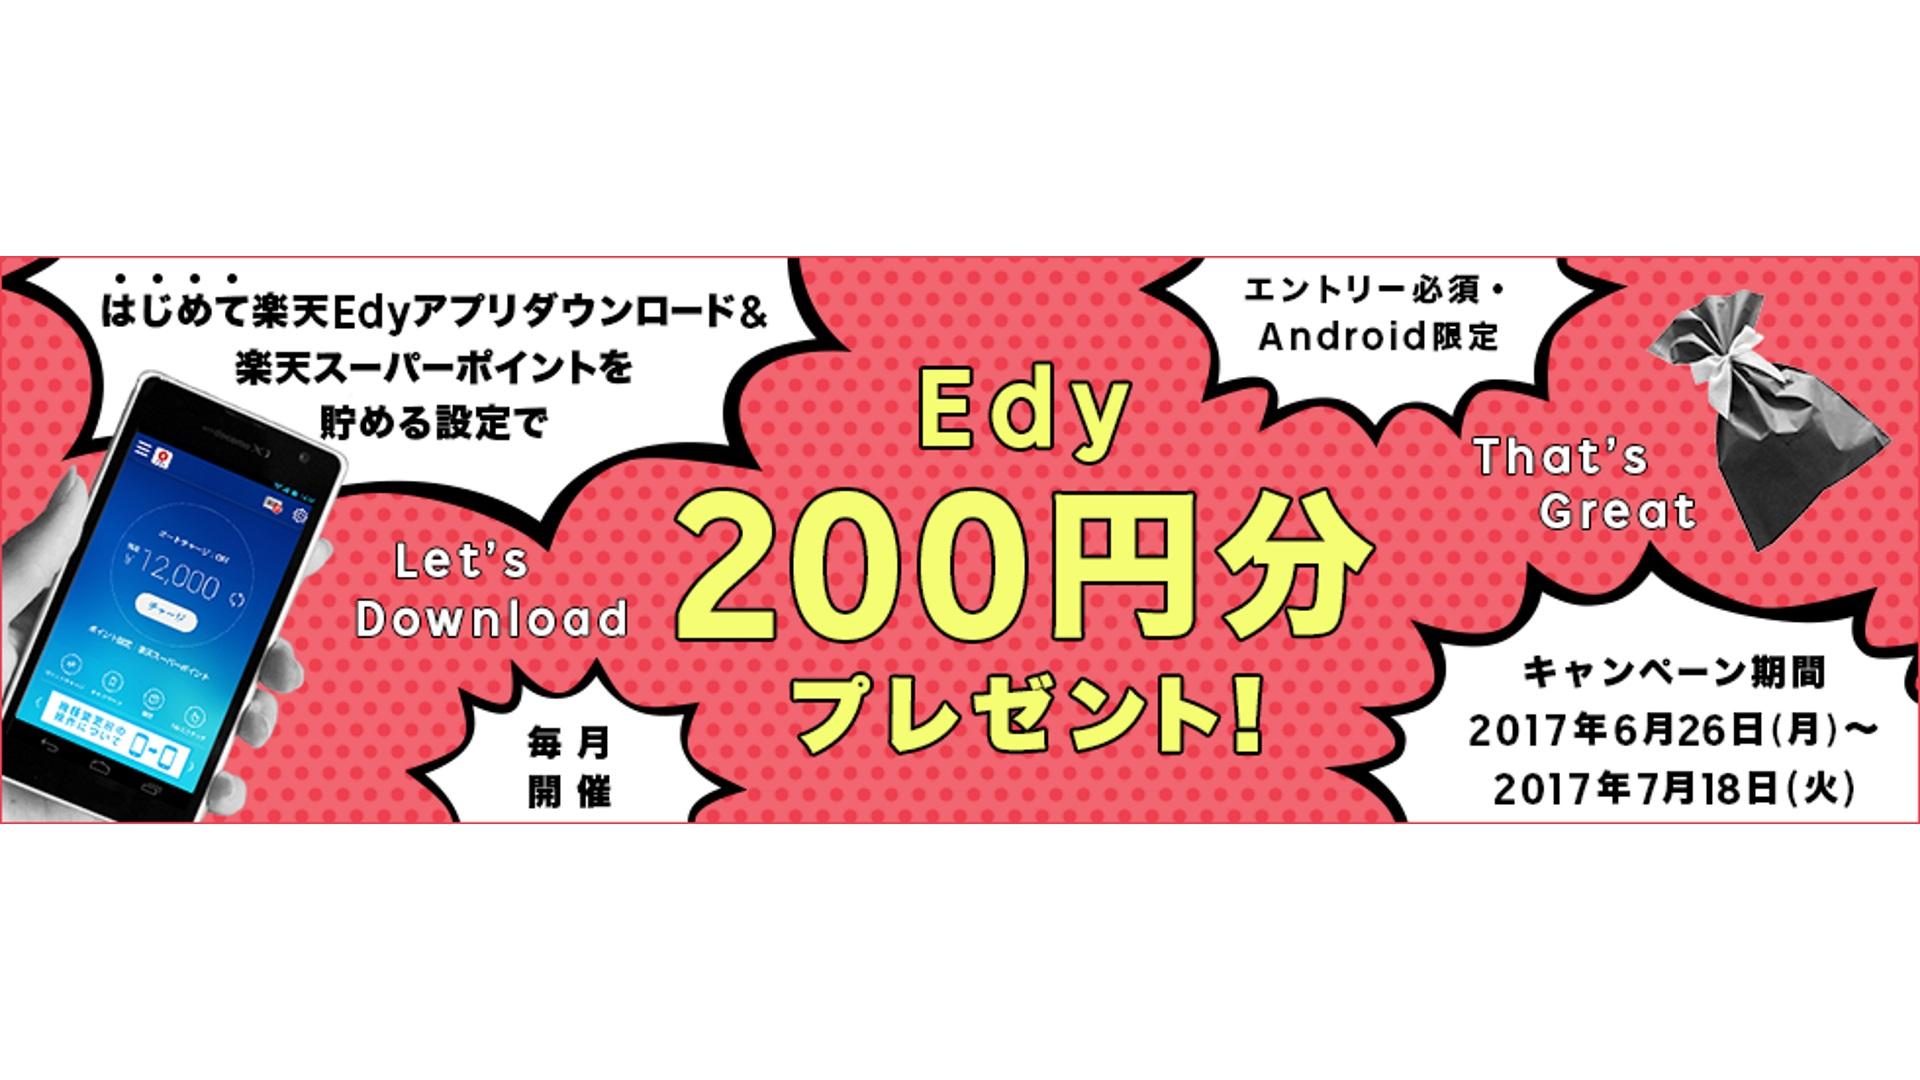 アプリ初ダウンロードで楽天Edy200円分プレゼントキャンペーン【Android限定】